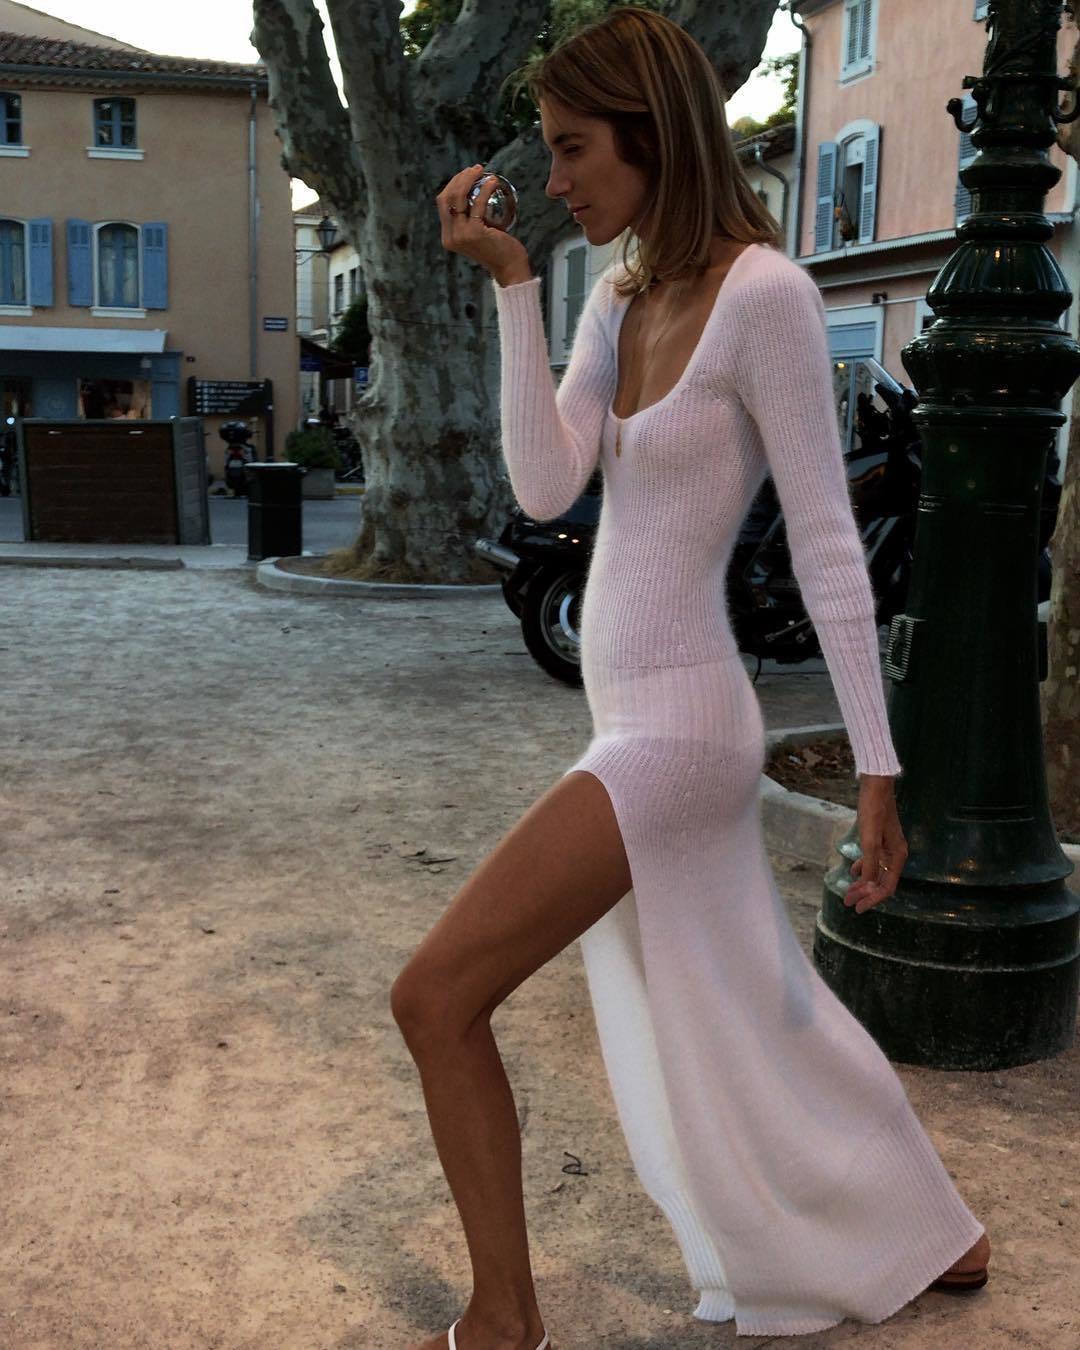 La modelo llevó un vestido de punto largo de la colección Le Souk...